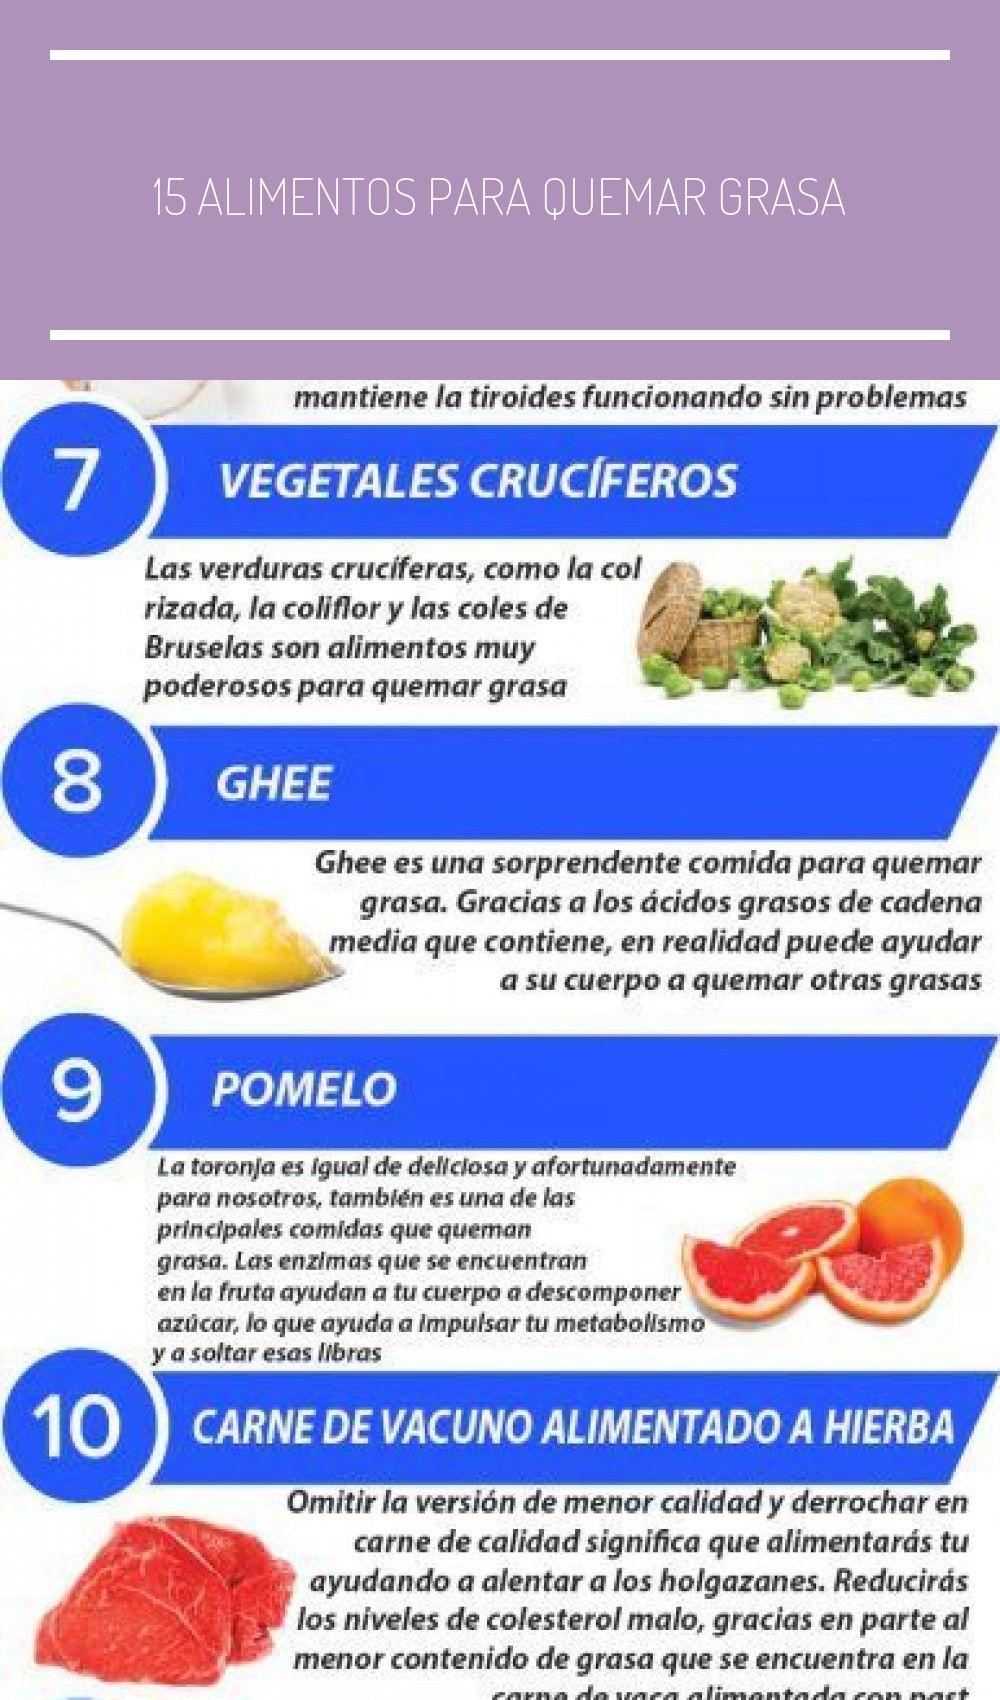 Top 10 Alimentos Con Grasas Saludables Para Tu Corazon Cerebro Y Mas Grasas Saludables Alimentos Grasos Alimentos Fitness